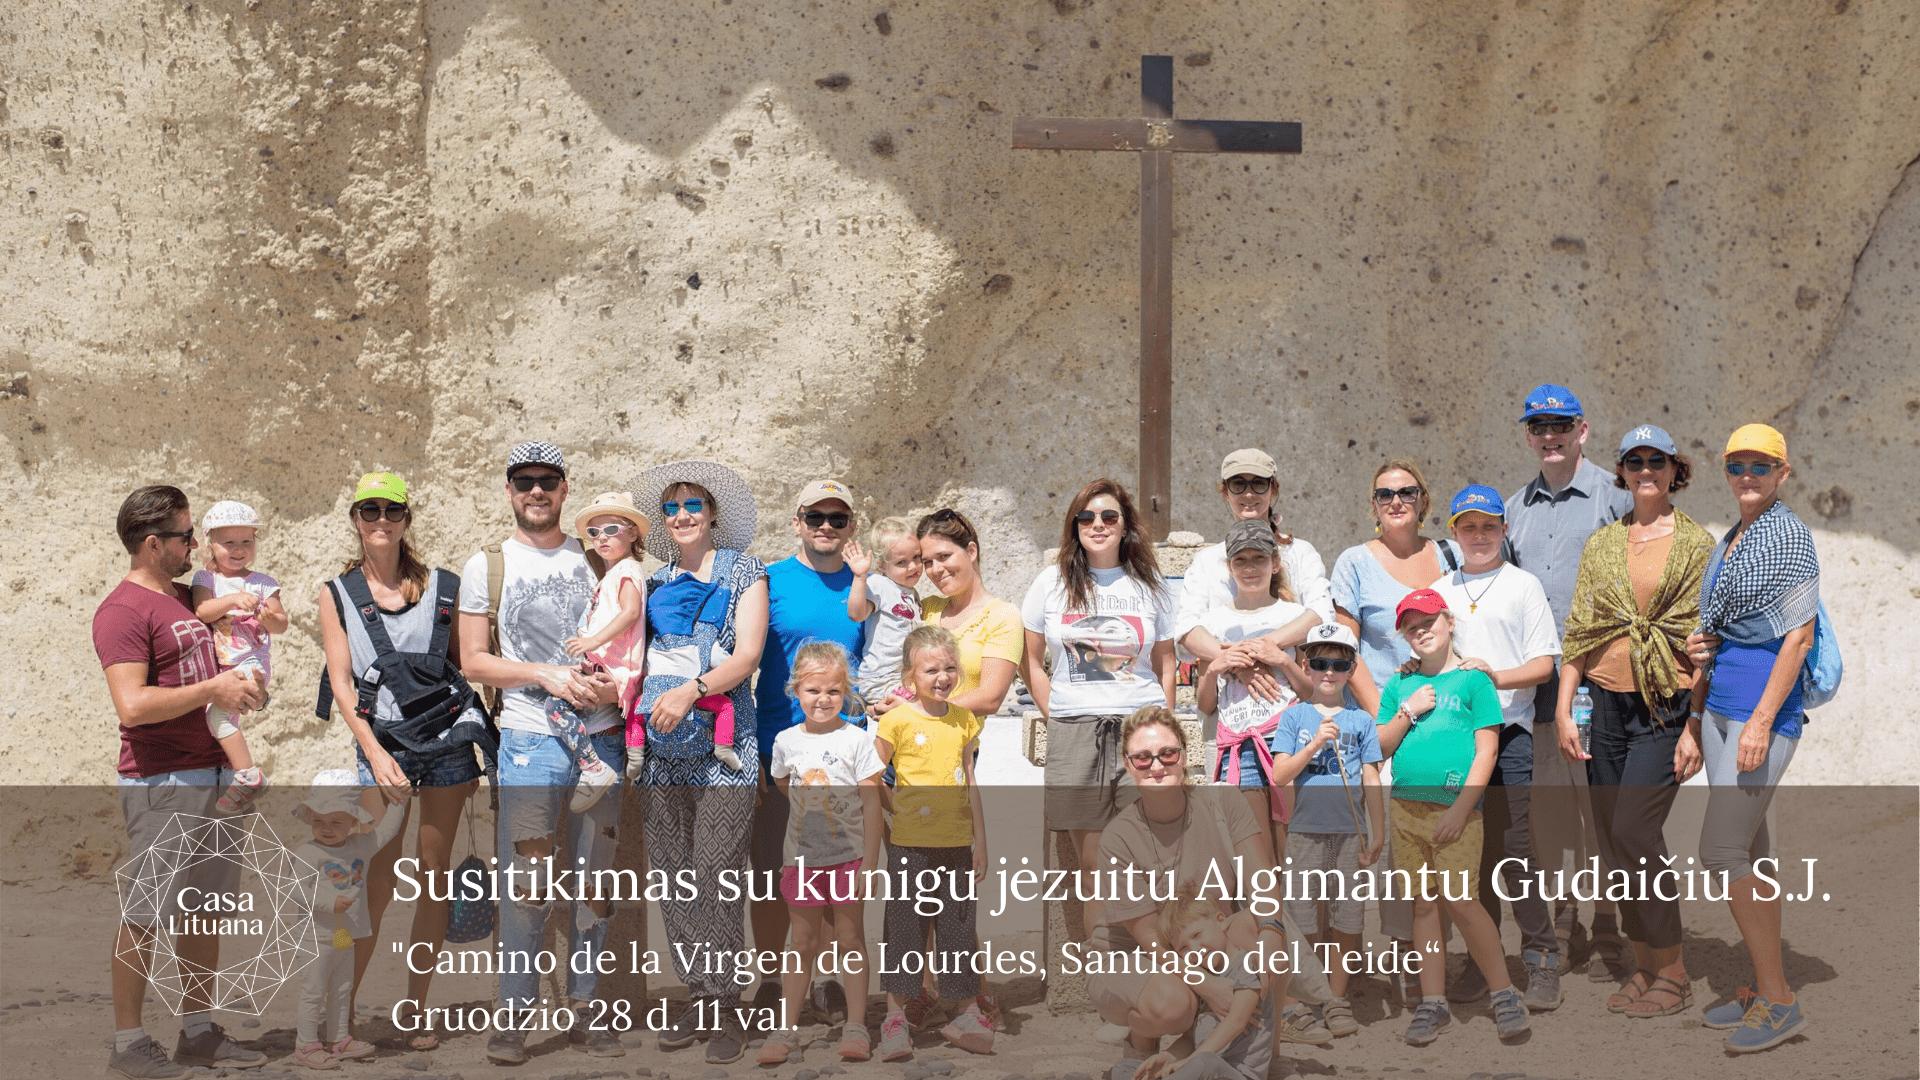 Kalediniai renginais Tenerifeje, Zygis su kunigu